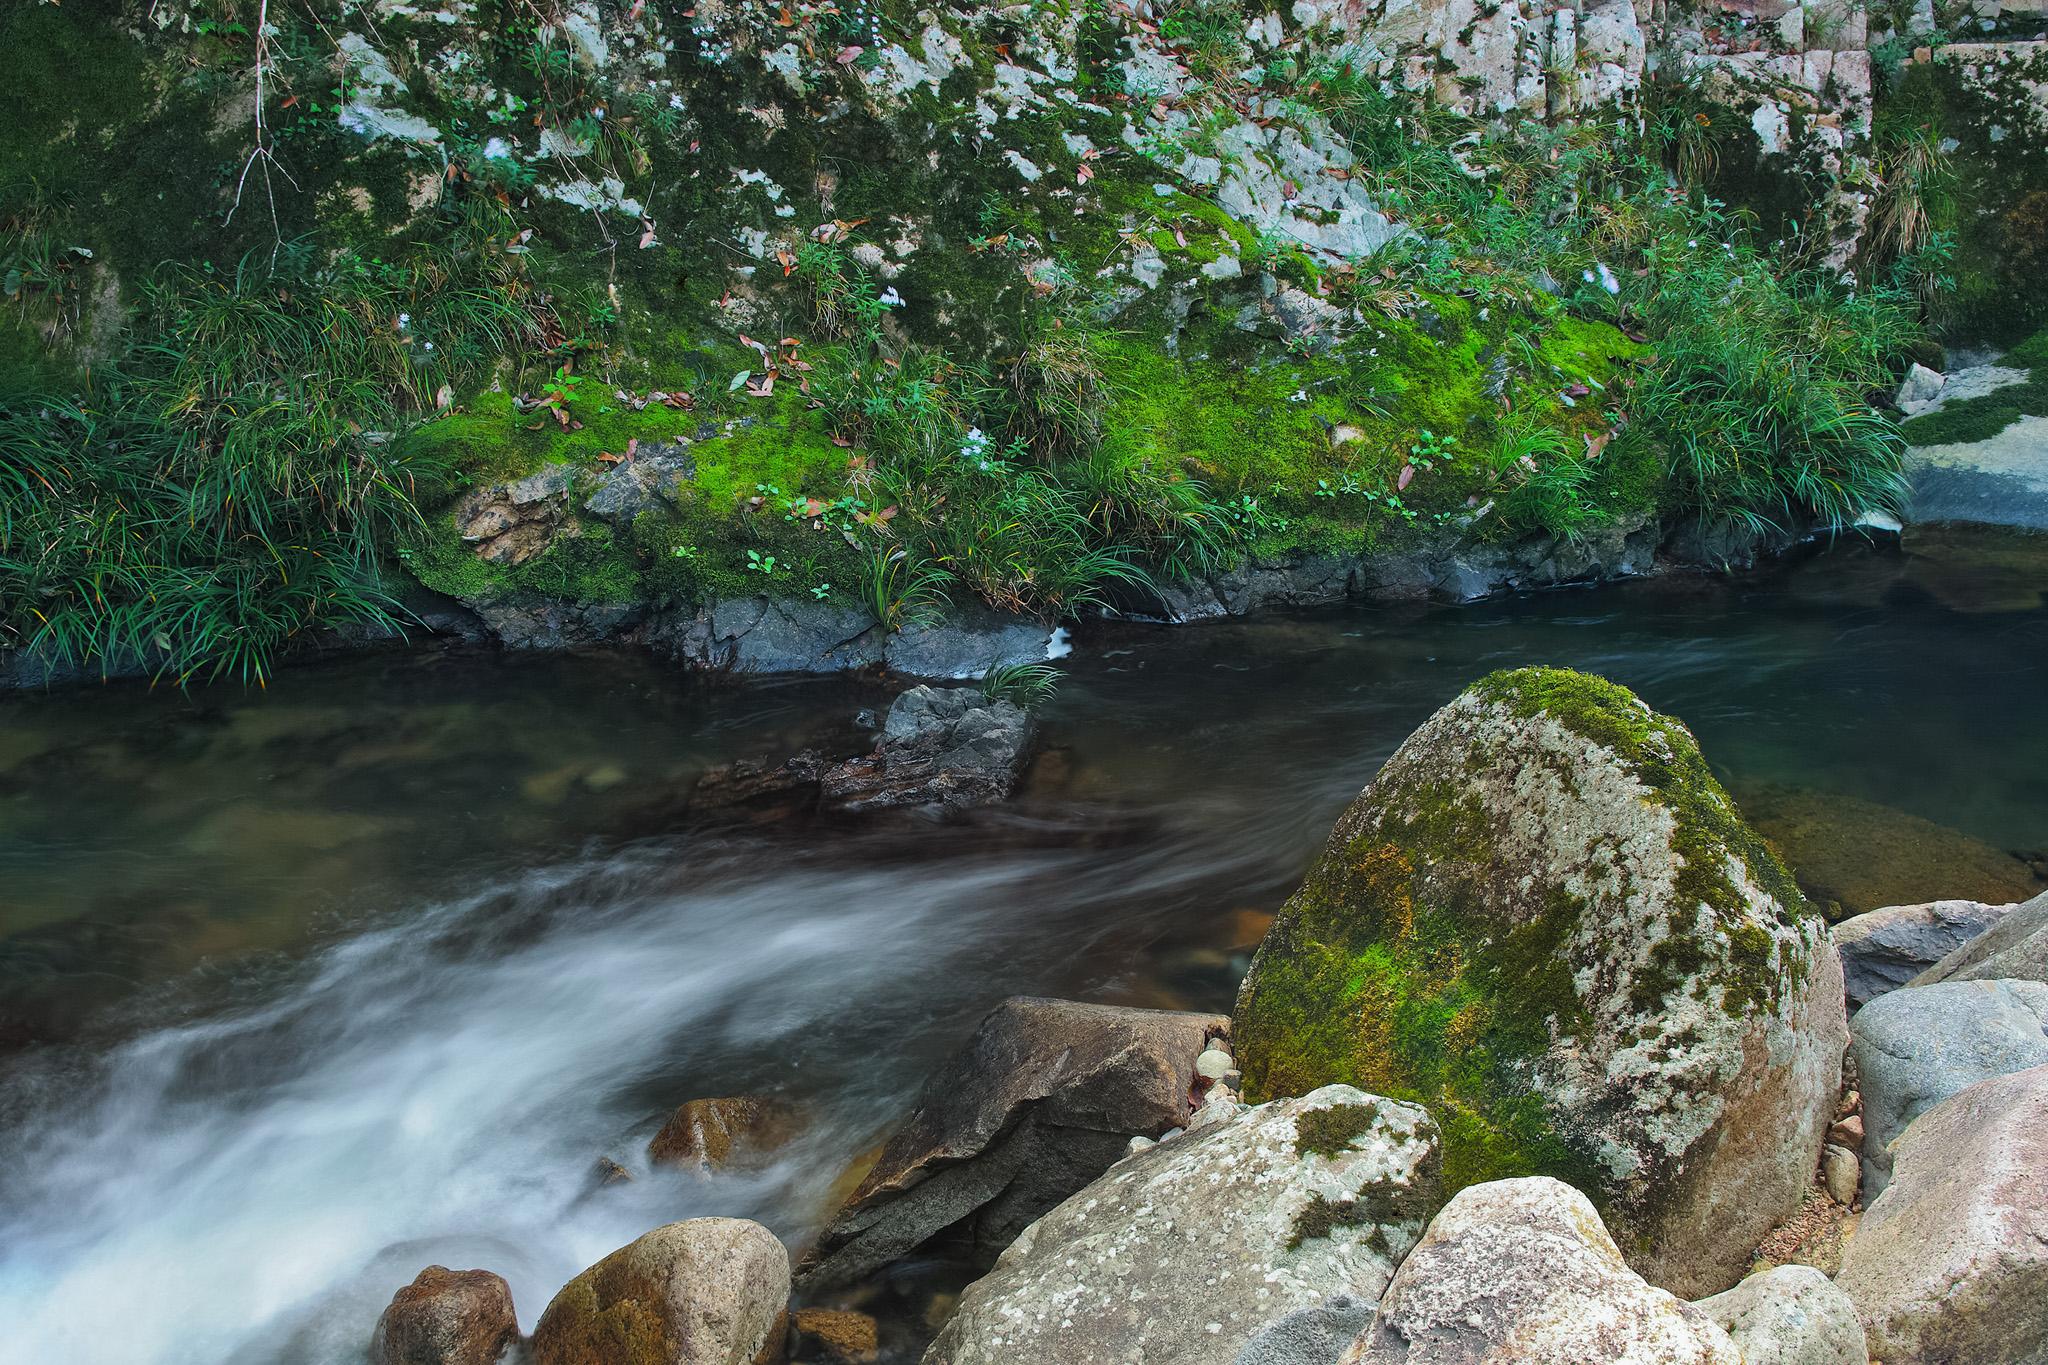 「岩の間を流れる小さな渓流」の画像を無料ダウンロード